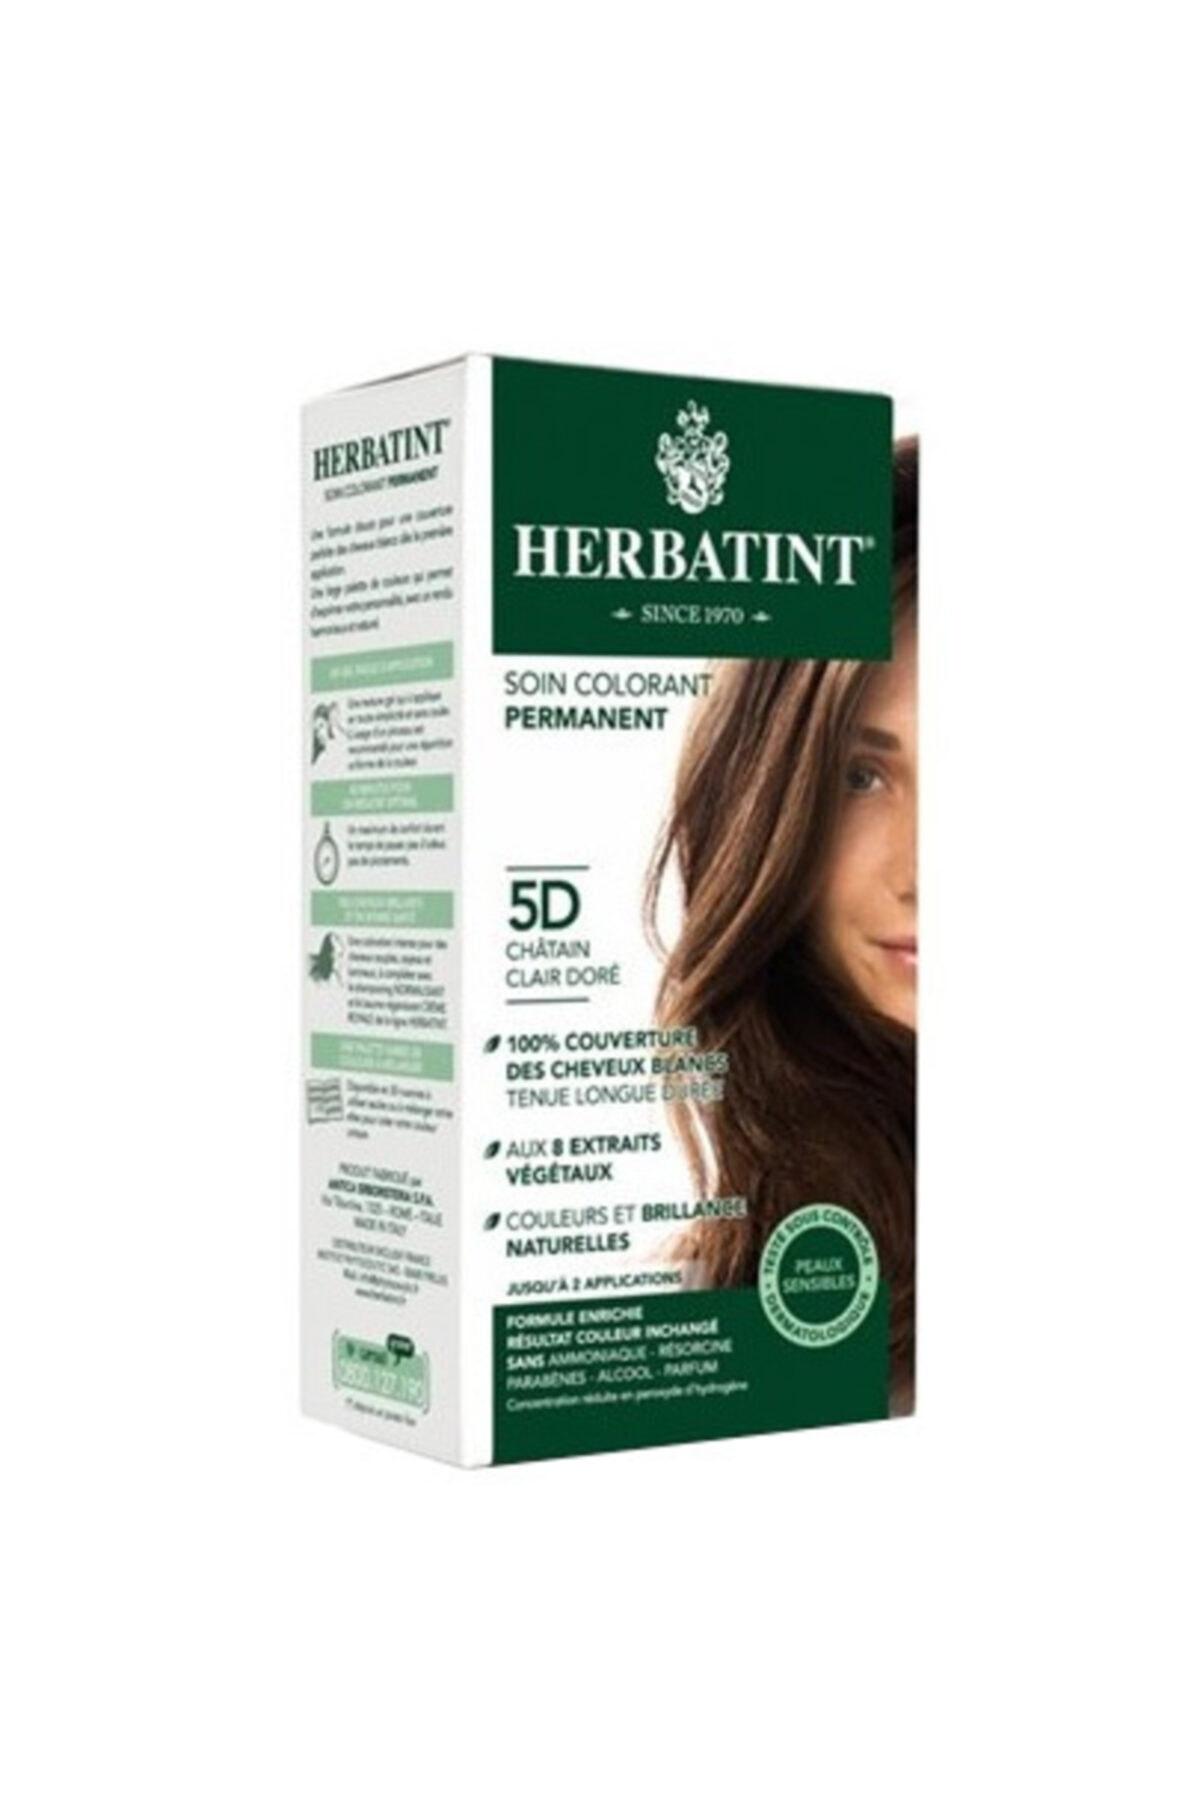 Herbatint Saç Boyası - Light Golden Chestnut 5D Altın Açık Kahve 150 ml 8016744500128 1